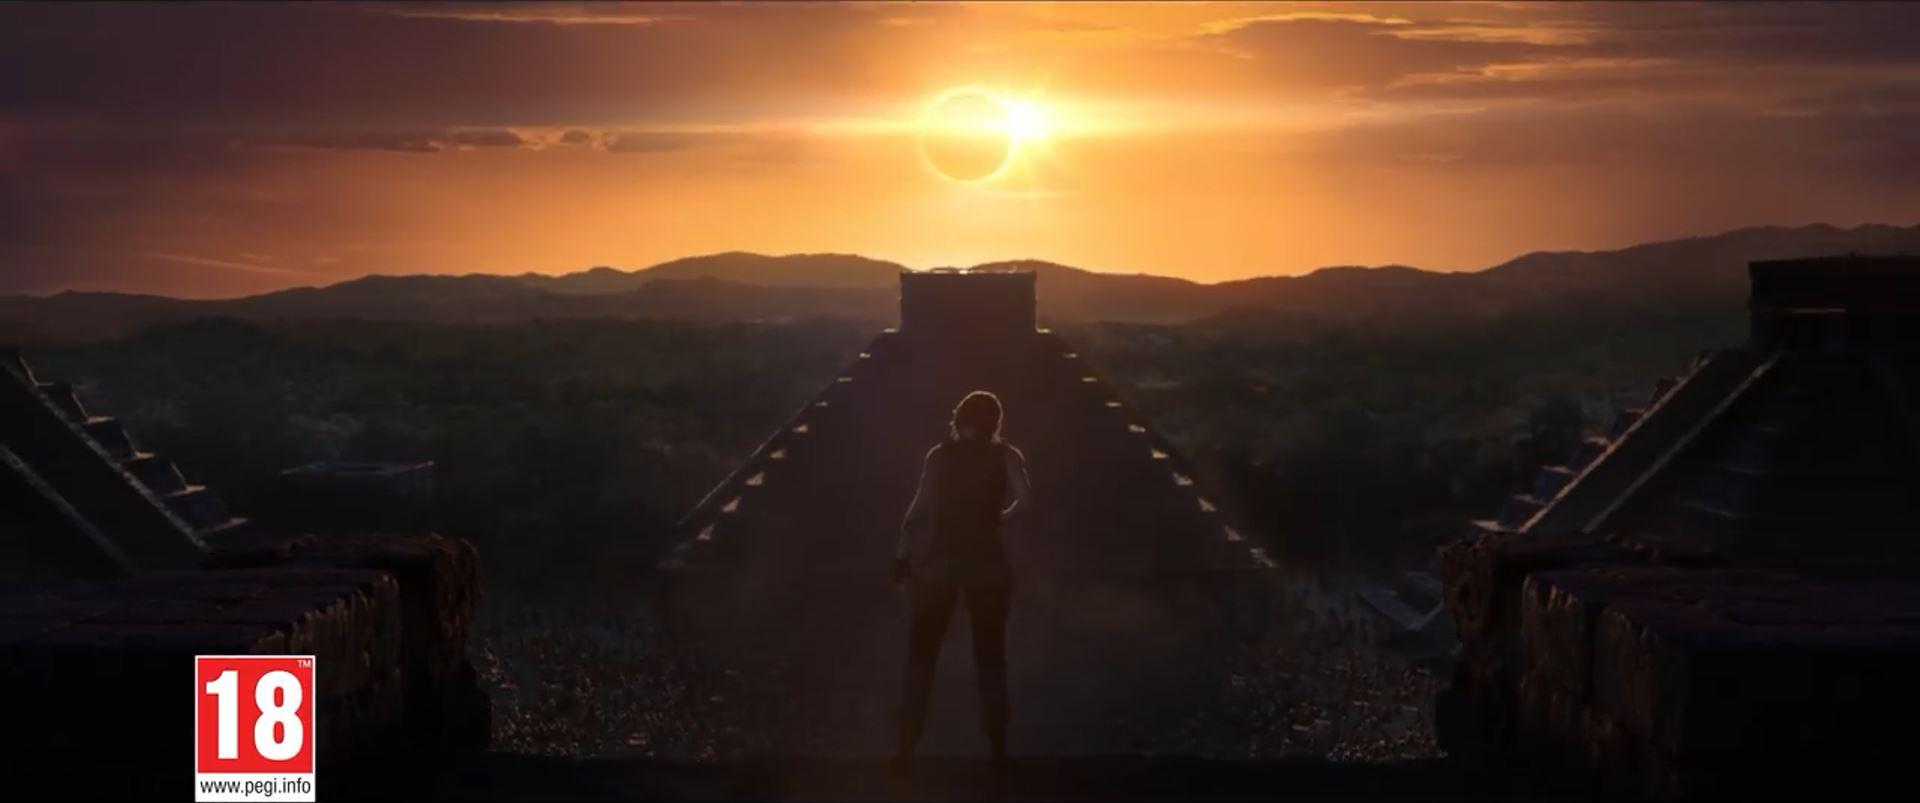 Shadow of the Tomb Raider - Mayan pyramid